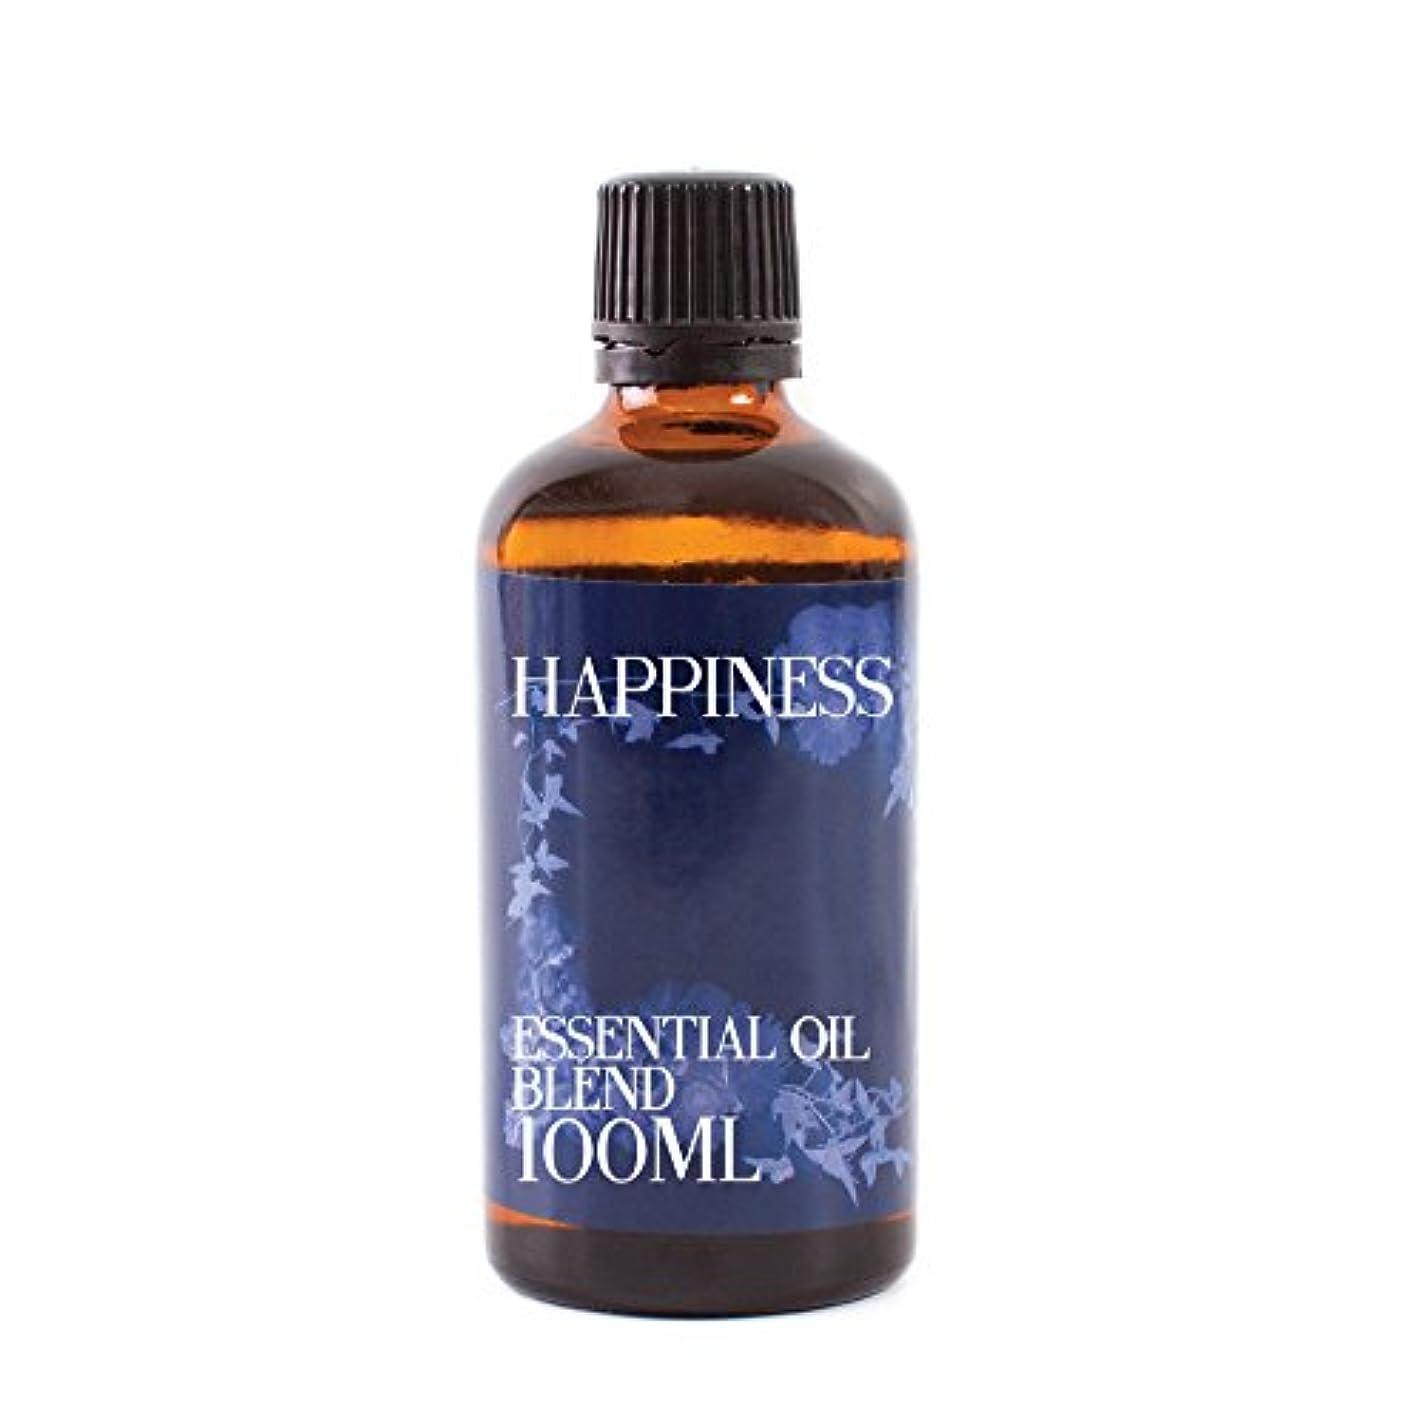 課税滅びる日食Mystix London | Happiness Essential Oil Blend - 100ml - 100% Pure